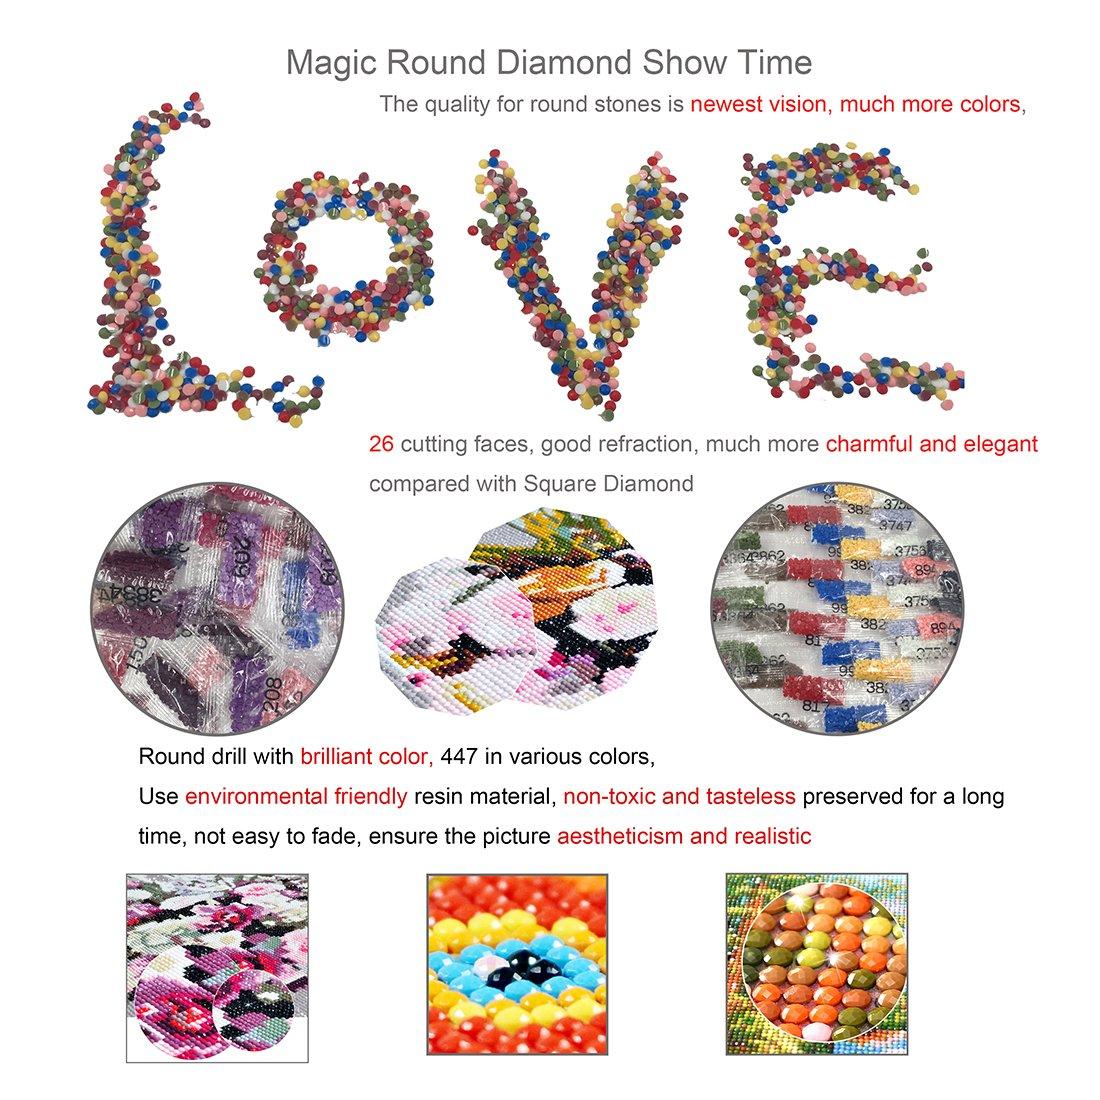 25x30cm Flower 5D diamante pittura kit punto croce ricamo set completo trapano fai da te fatti a mano in resina strass mosaico paesaggio regalo per le feste con attrezzi per incollare